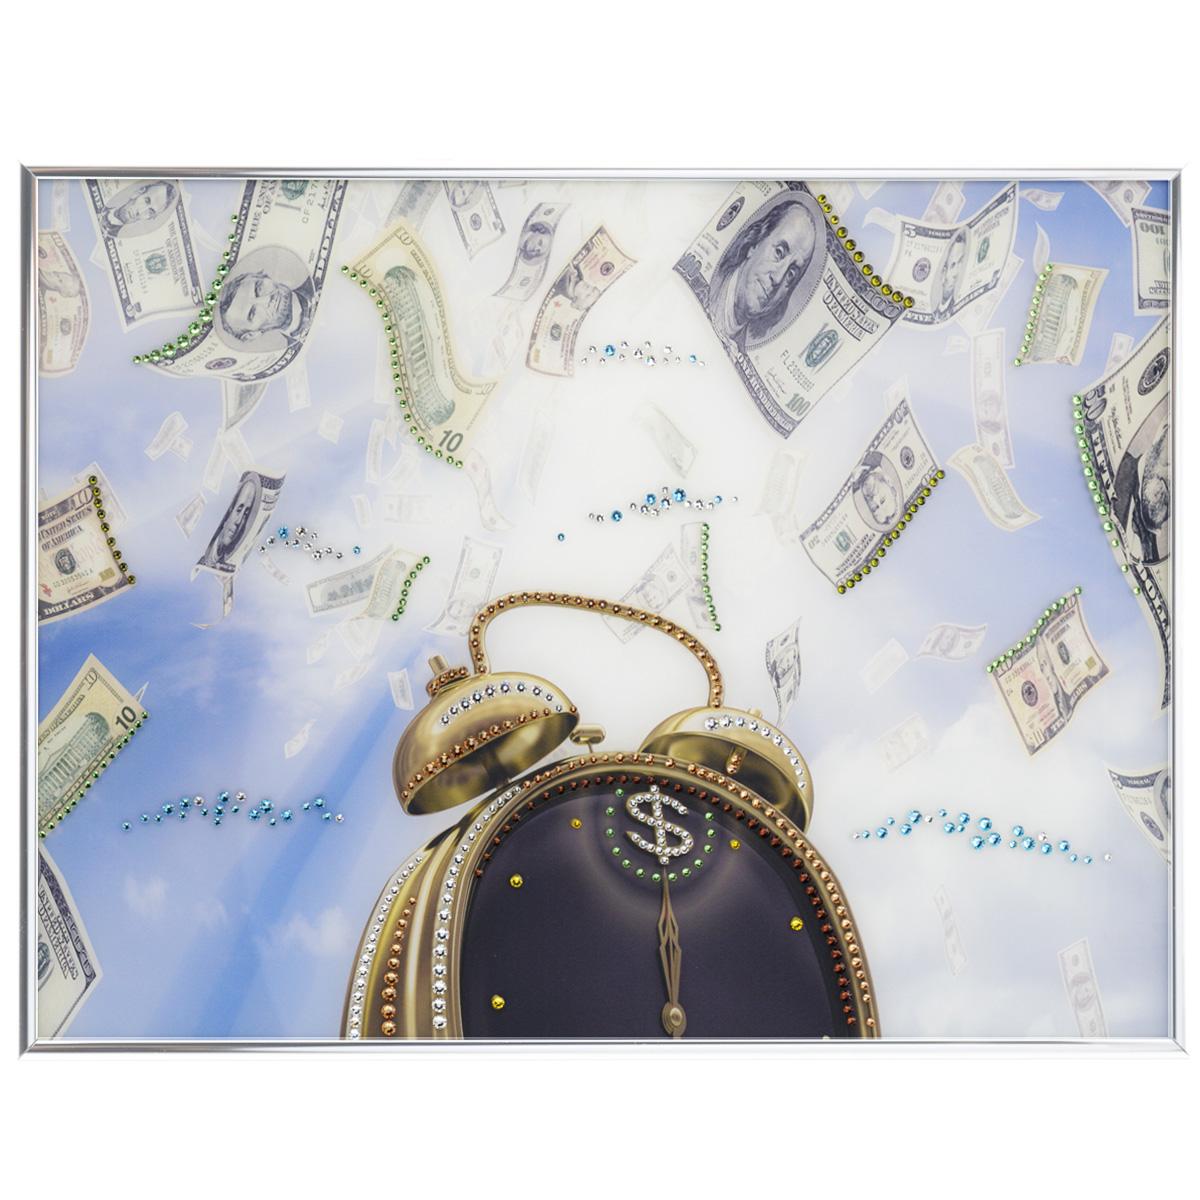 Картина с кристаллами Swarovski Время деньги, 40 х 30 см1408Изящная картина в металлической раме, инкрустирована кристаллами Swarovski, которые отличаются четкой и ровной огранкой, ярким блеском и чистотой цвета. Красочное изображение будильника и денег, расположенное под стеклом, прекрасно дополняет блеск кристаллов. С обратной стороны имеется металлическая петелька для размещения картины на стене. Картина с кристаллами Swarovski Время деньги элегантно украсит интерьер дома или офиса, а также станет прекрасным подарком, который обязательно понравится получателю. Блеск кристаллов в интерьере, что может быть сказочнее и удивительнее. Картина упакована в подарочную картонную коробку синего цвета и комплектуется сертификатом соответствия Swarovski.